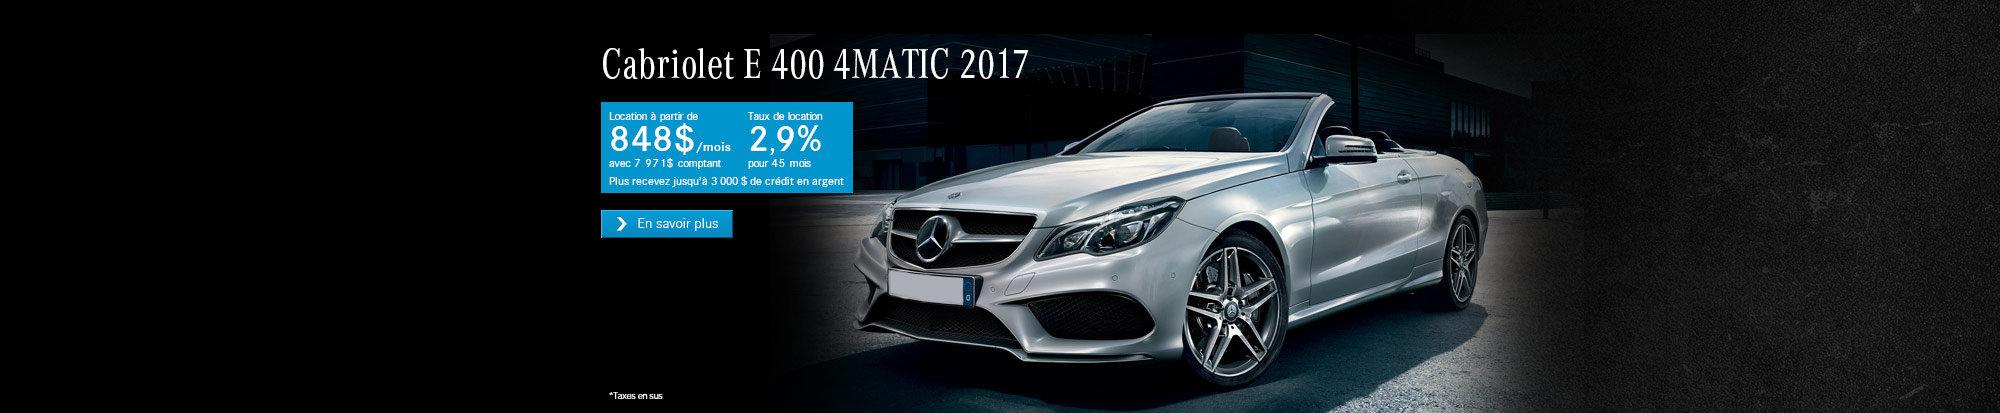 E 400 Cabriolet 2017